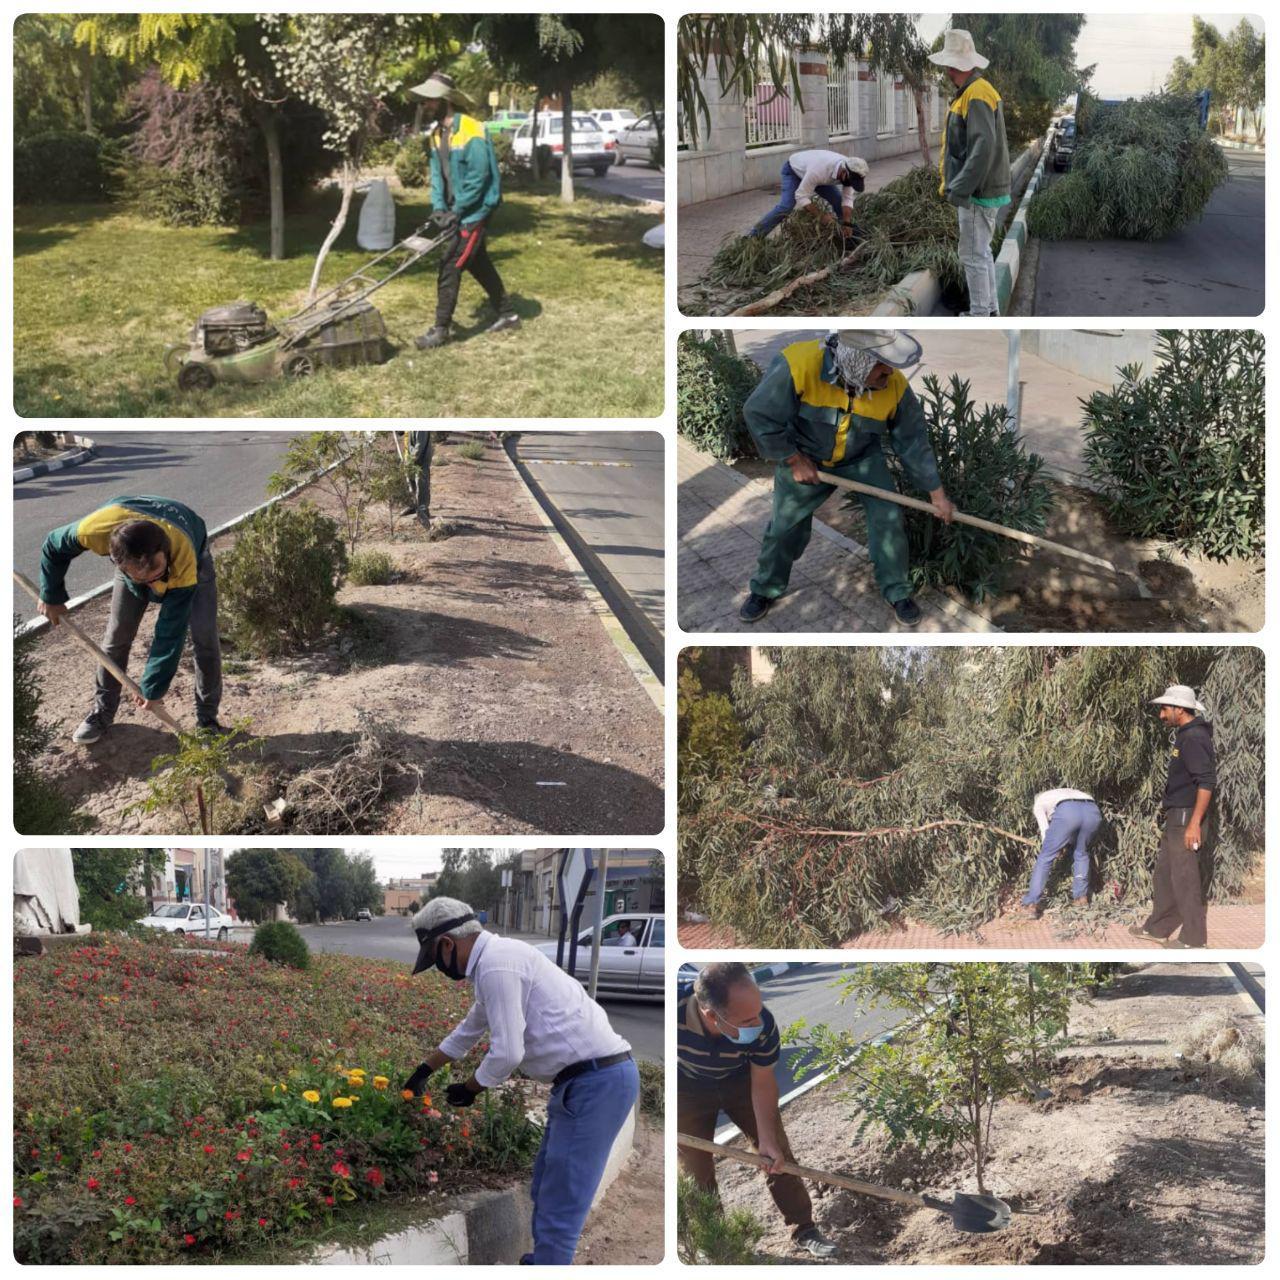 اقدامات گسترده شهرداری پرند برای حفظ و توسعه عرصه های فضای سبز